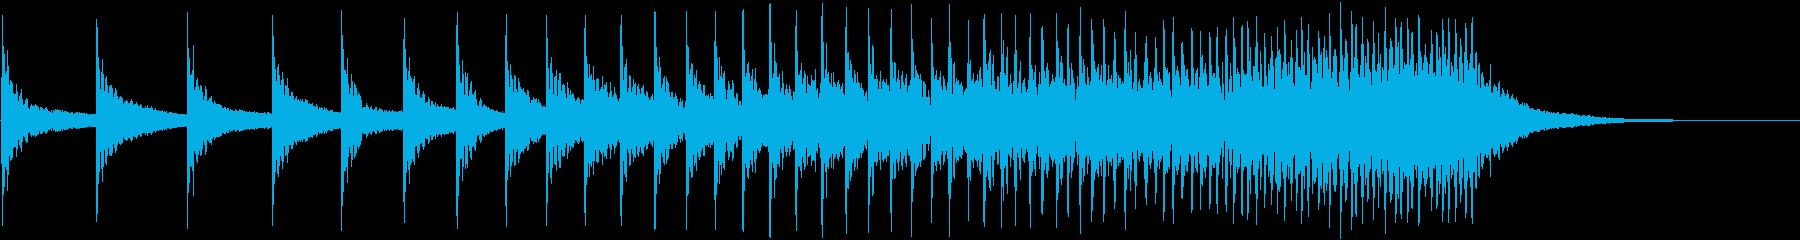 ティンパニ:ハードアクセラレーショ...の再生済みの波形